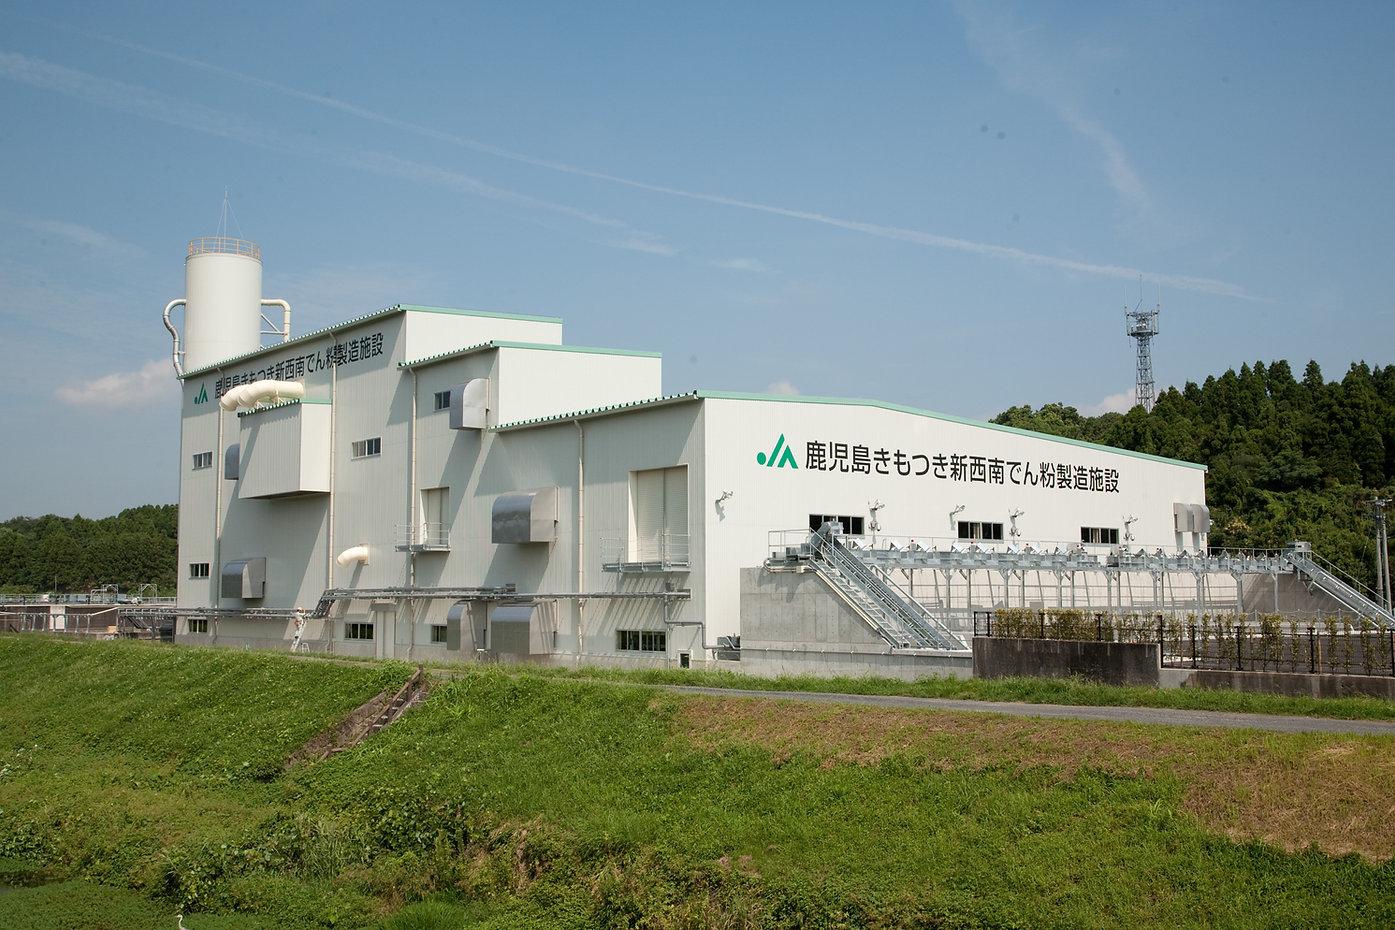 鹿児島きもつき新西南でん粉製造施設